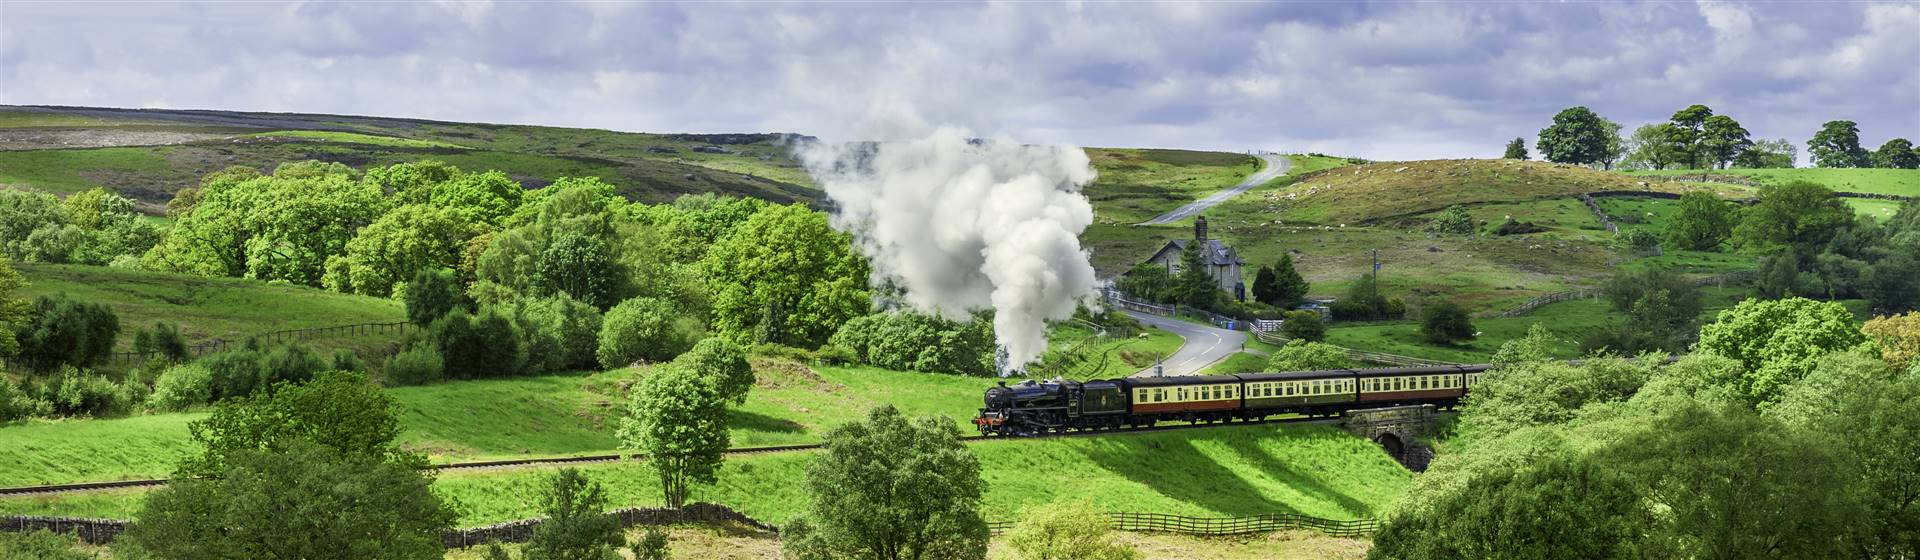 """<img src=""""steamtrainnrpickeringonnorthyorkmoor-shutterstock.jpeg"""" alt=""""Steam Train Yorkshire Moor""""/>"""